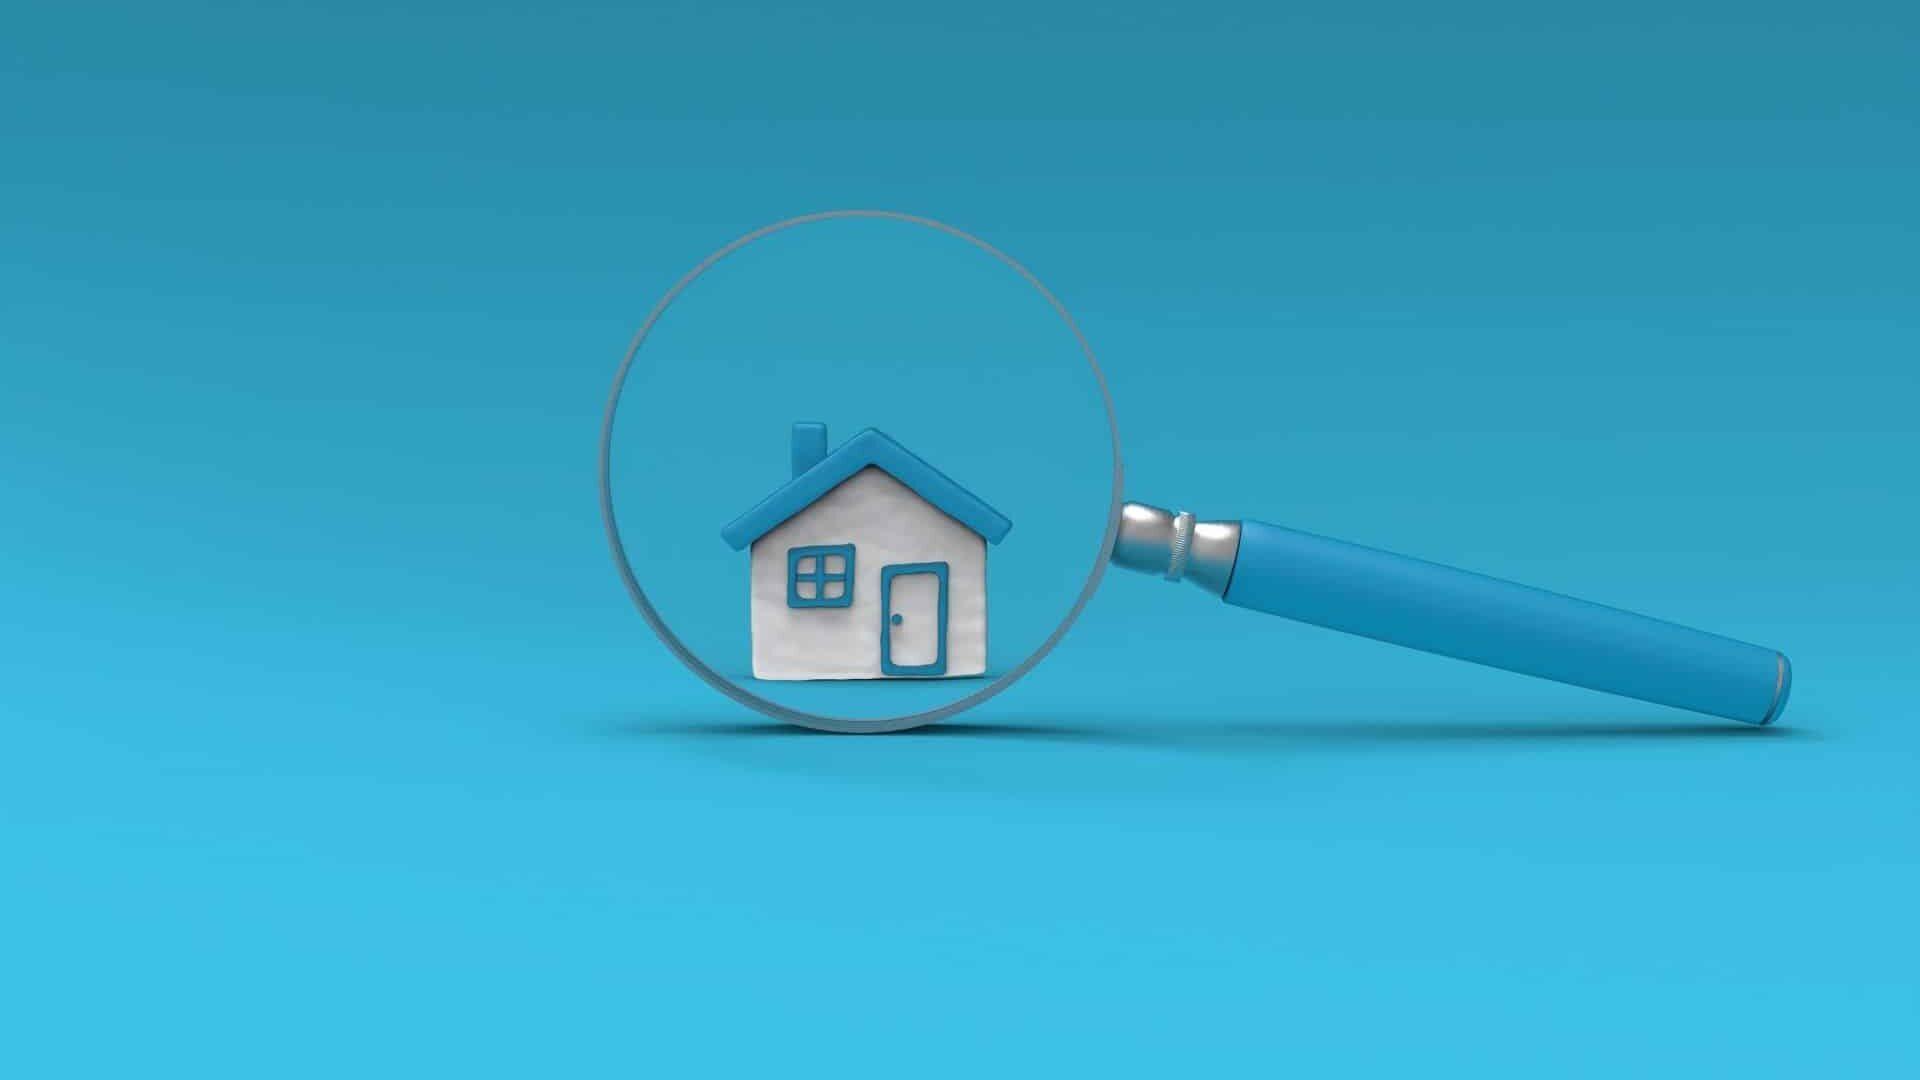 Mandataire immobilier la photo comme moteur de vos ventes ?